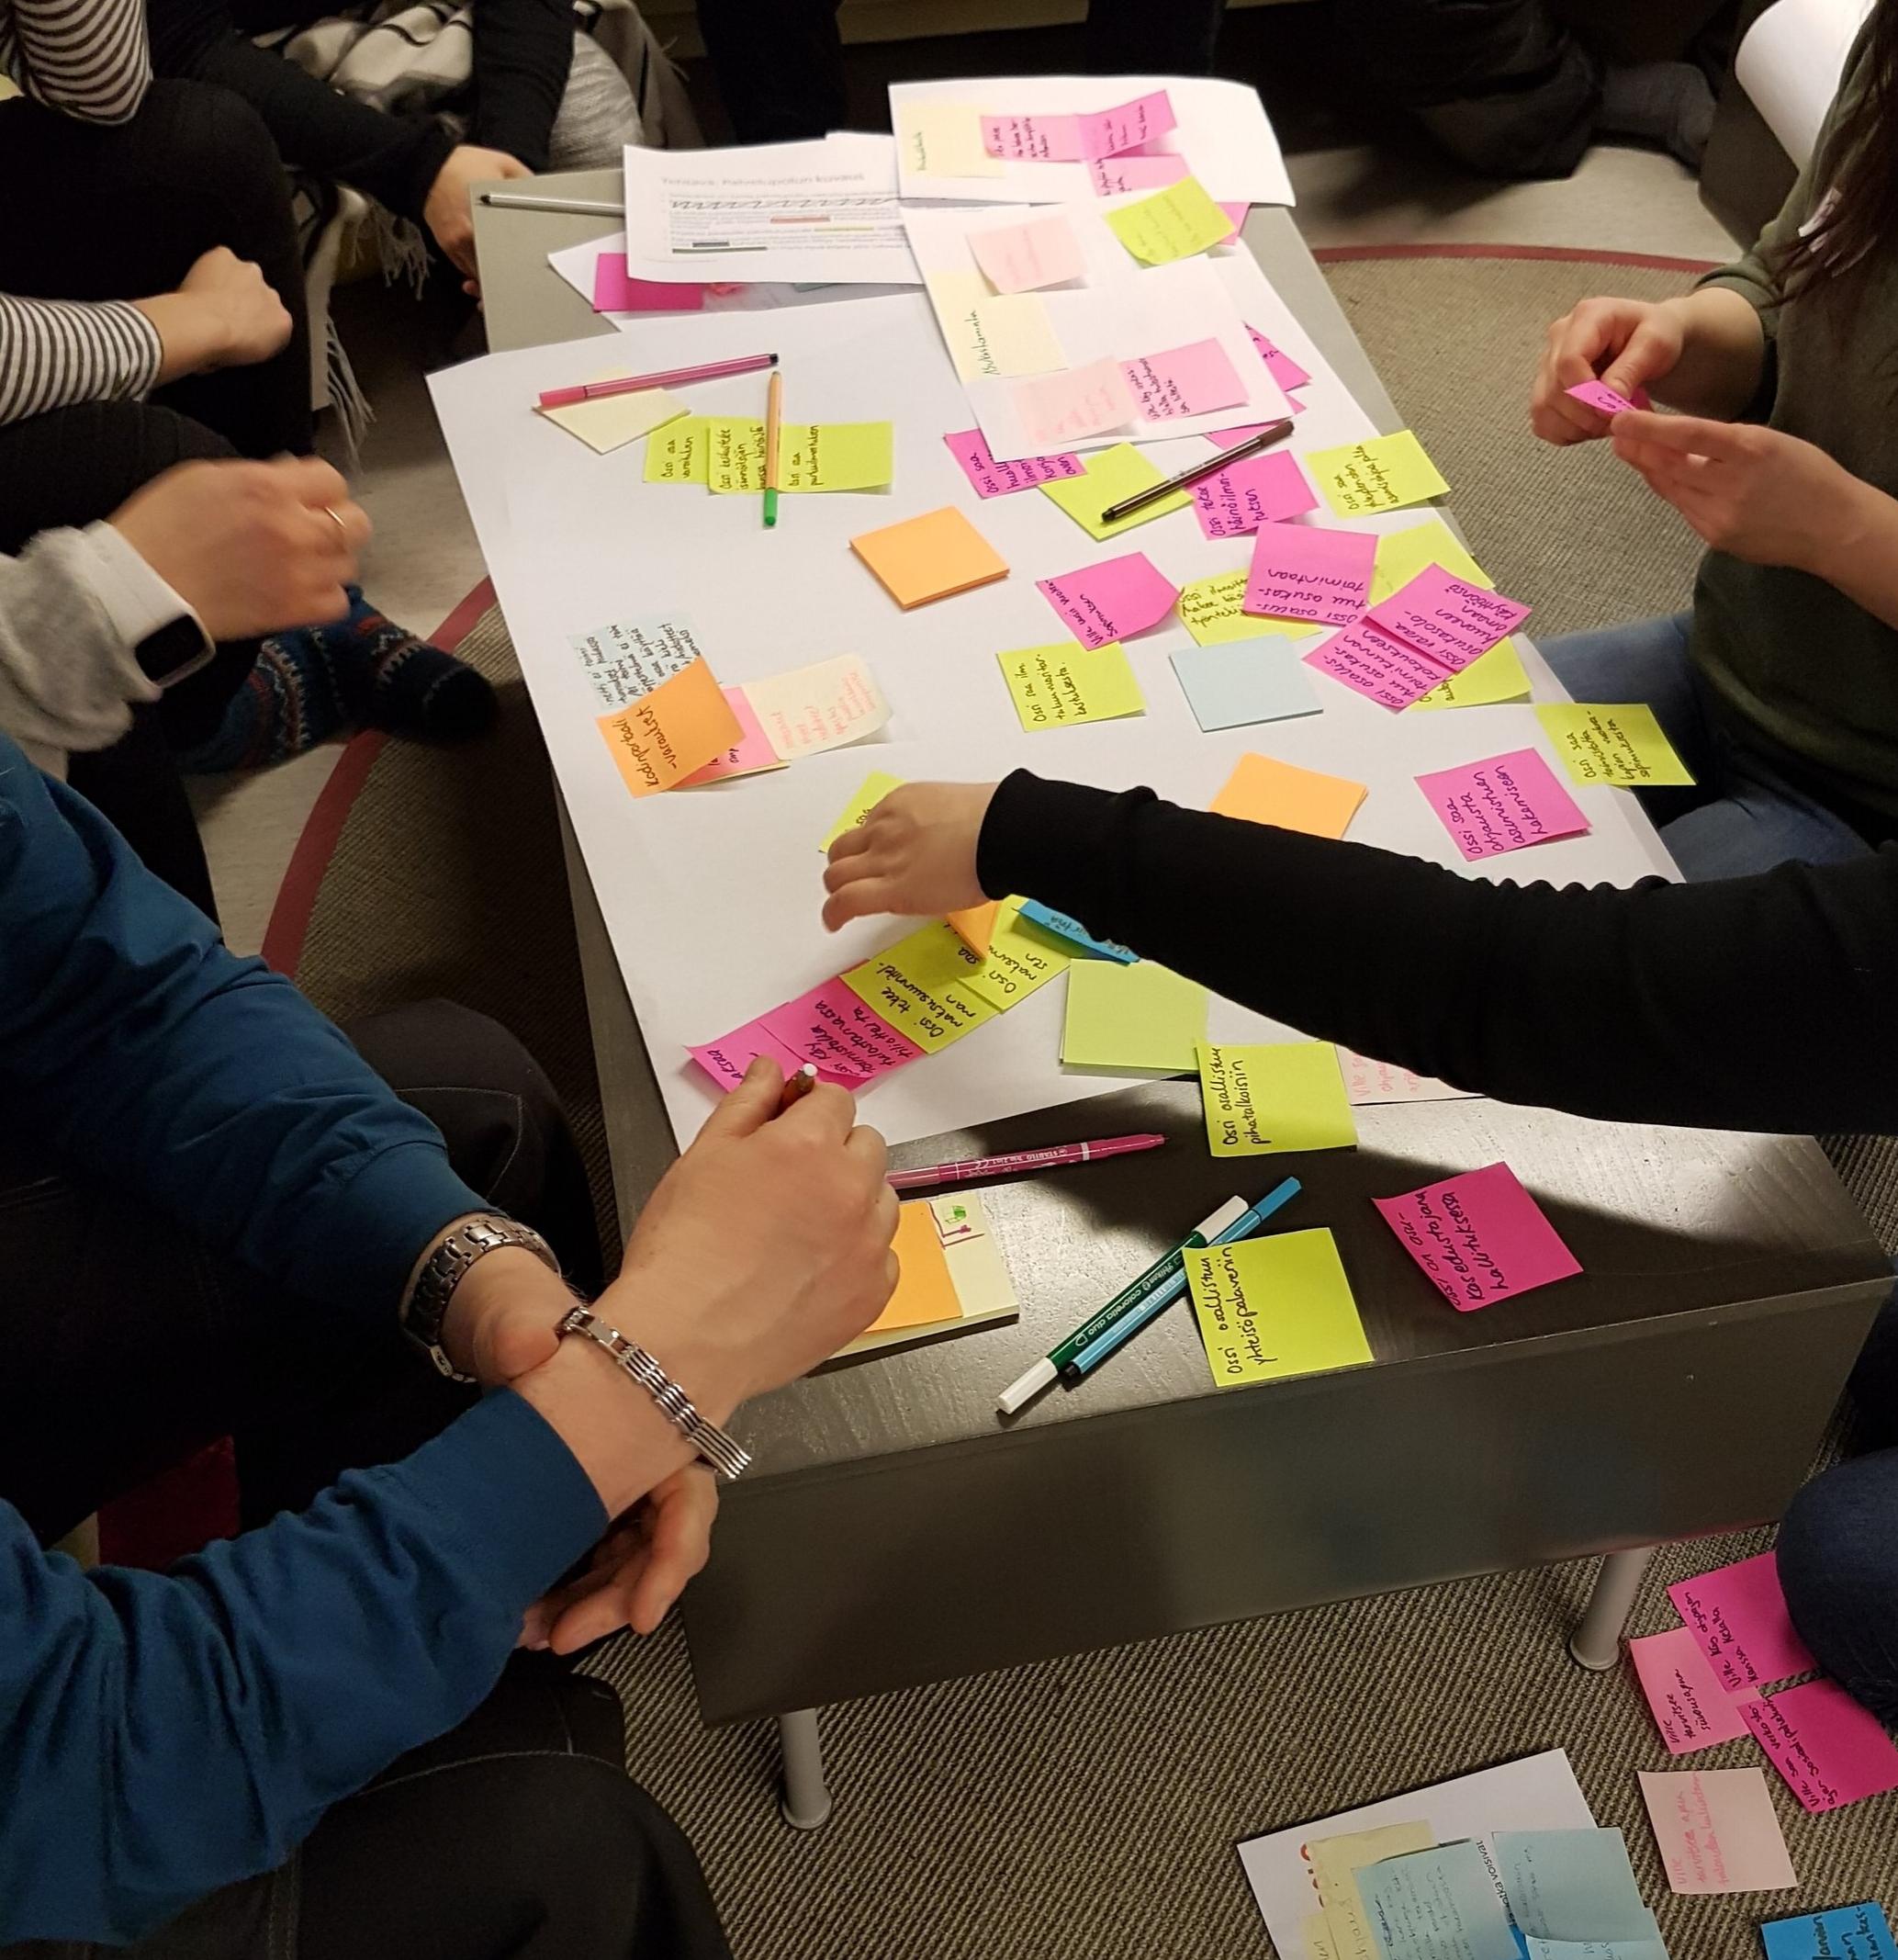 Palvelupolku visualisoi aineetonta palvelua ja auttaa tiimiä keskustelemaan palvelusta konkretian äärellä